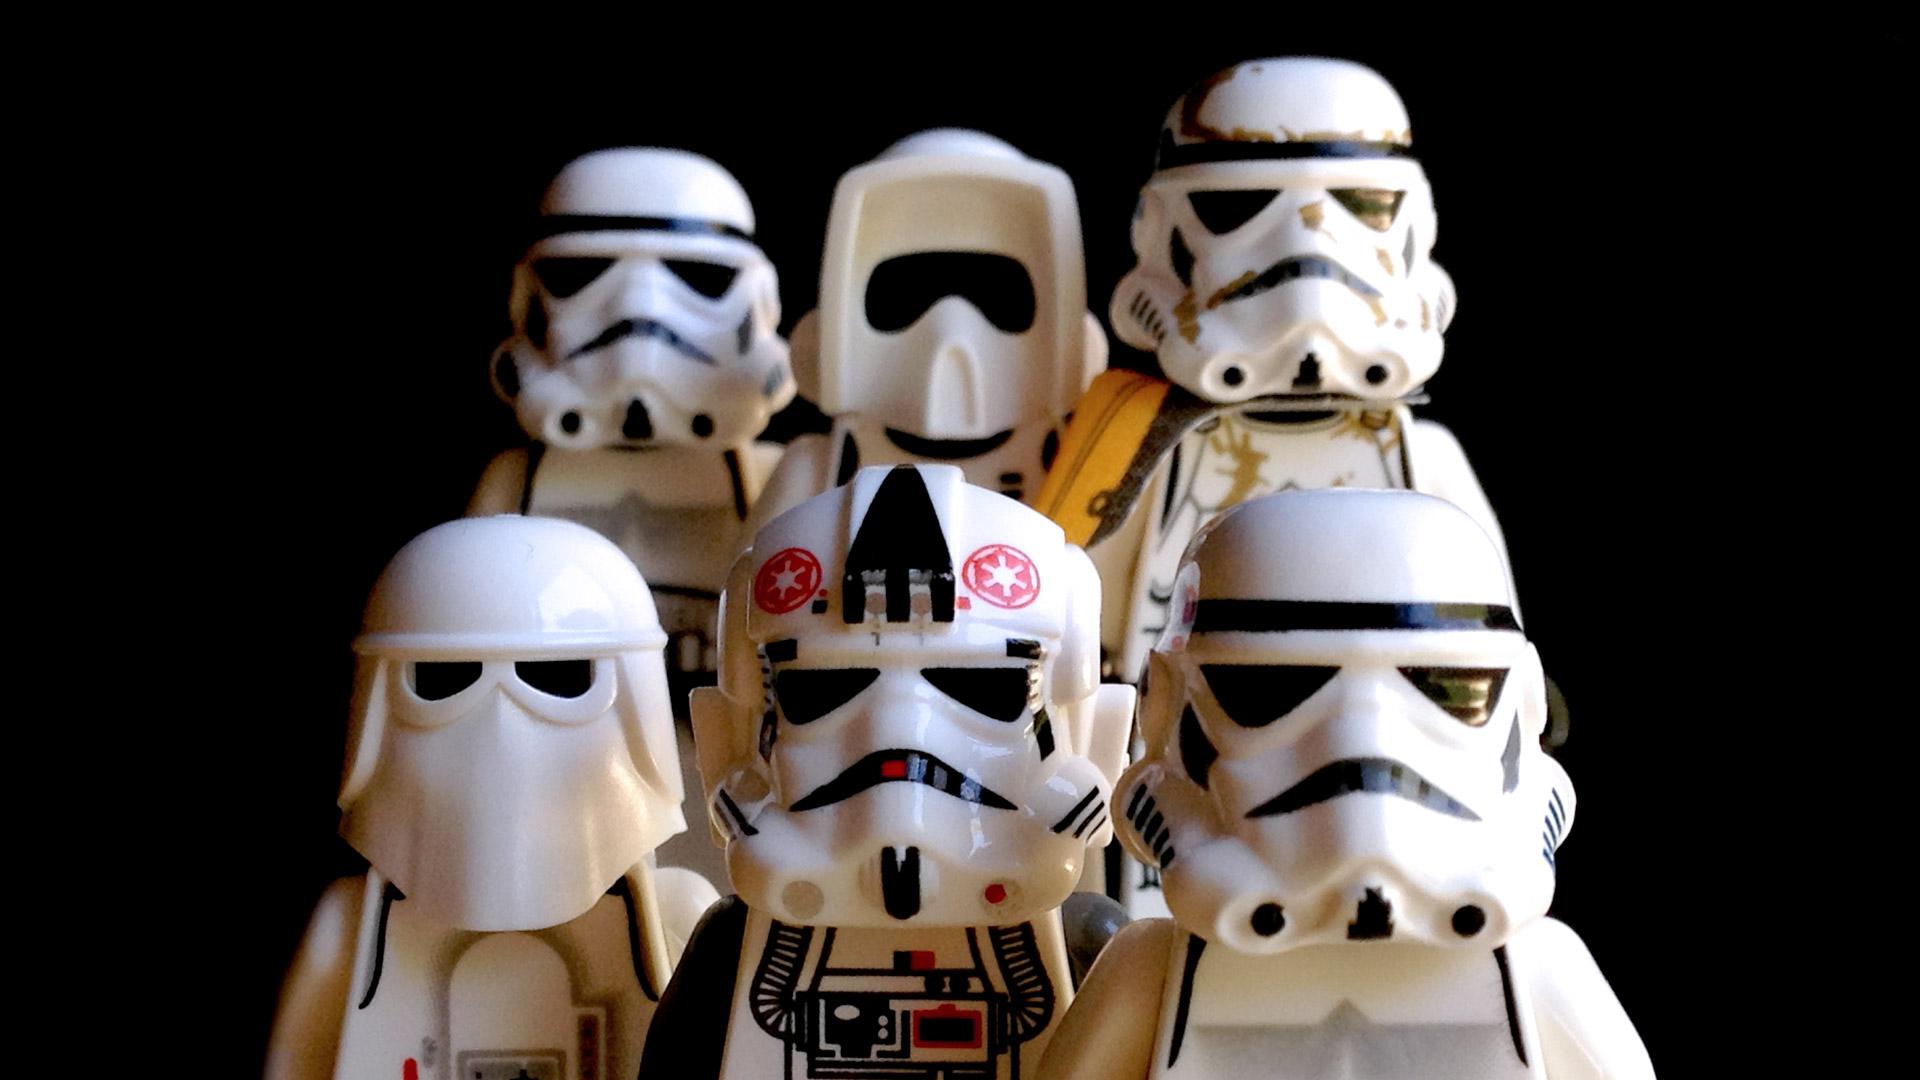 LegoGenre: Trooper Class Photo Wallpaper 1920x1080